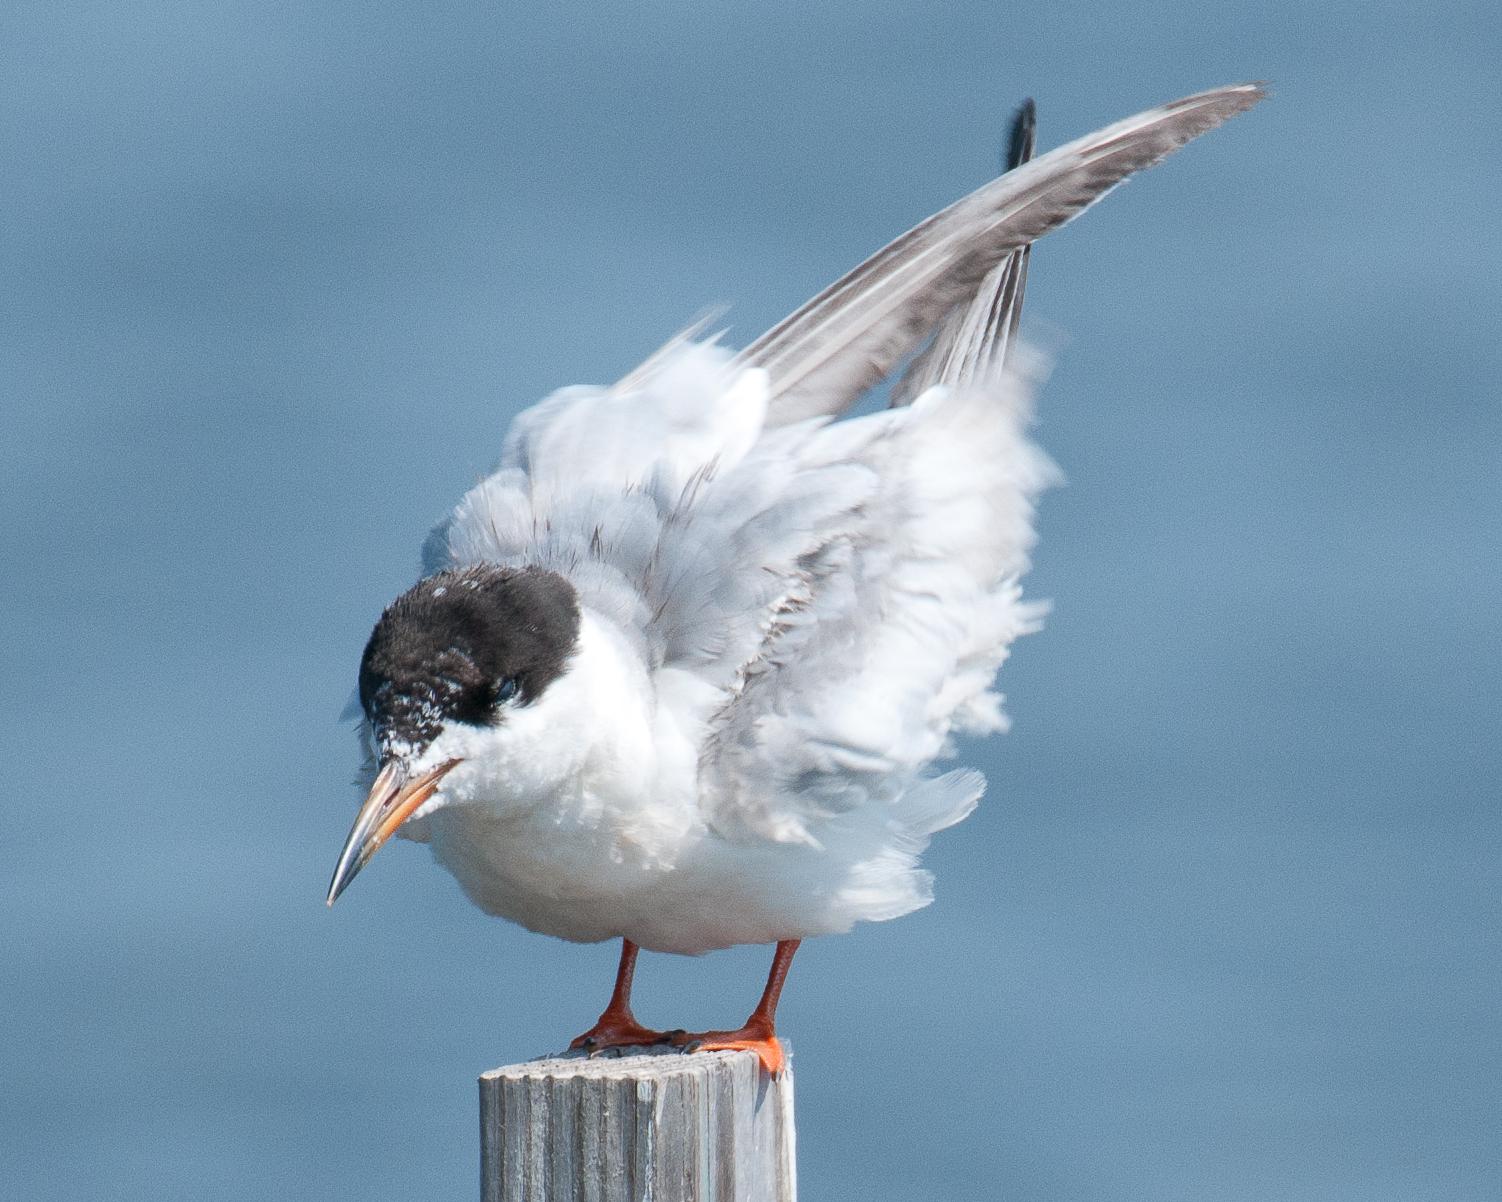 One tern ...